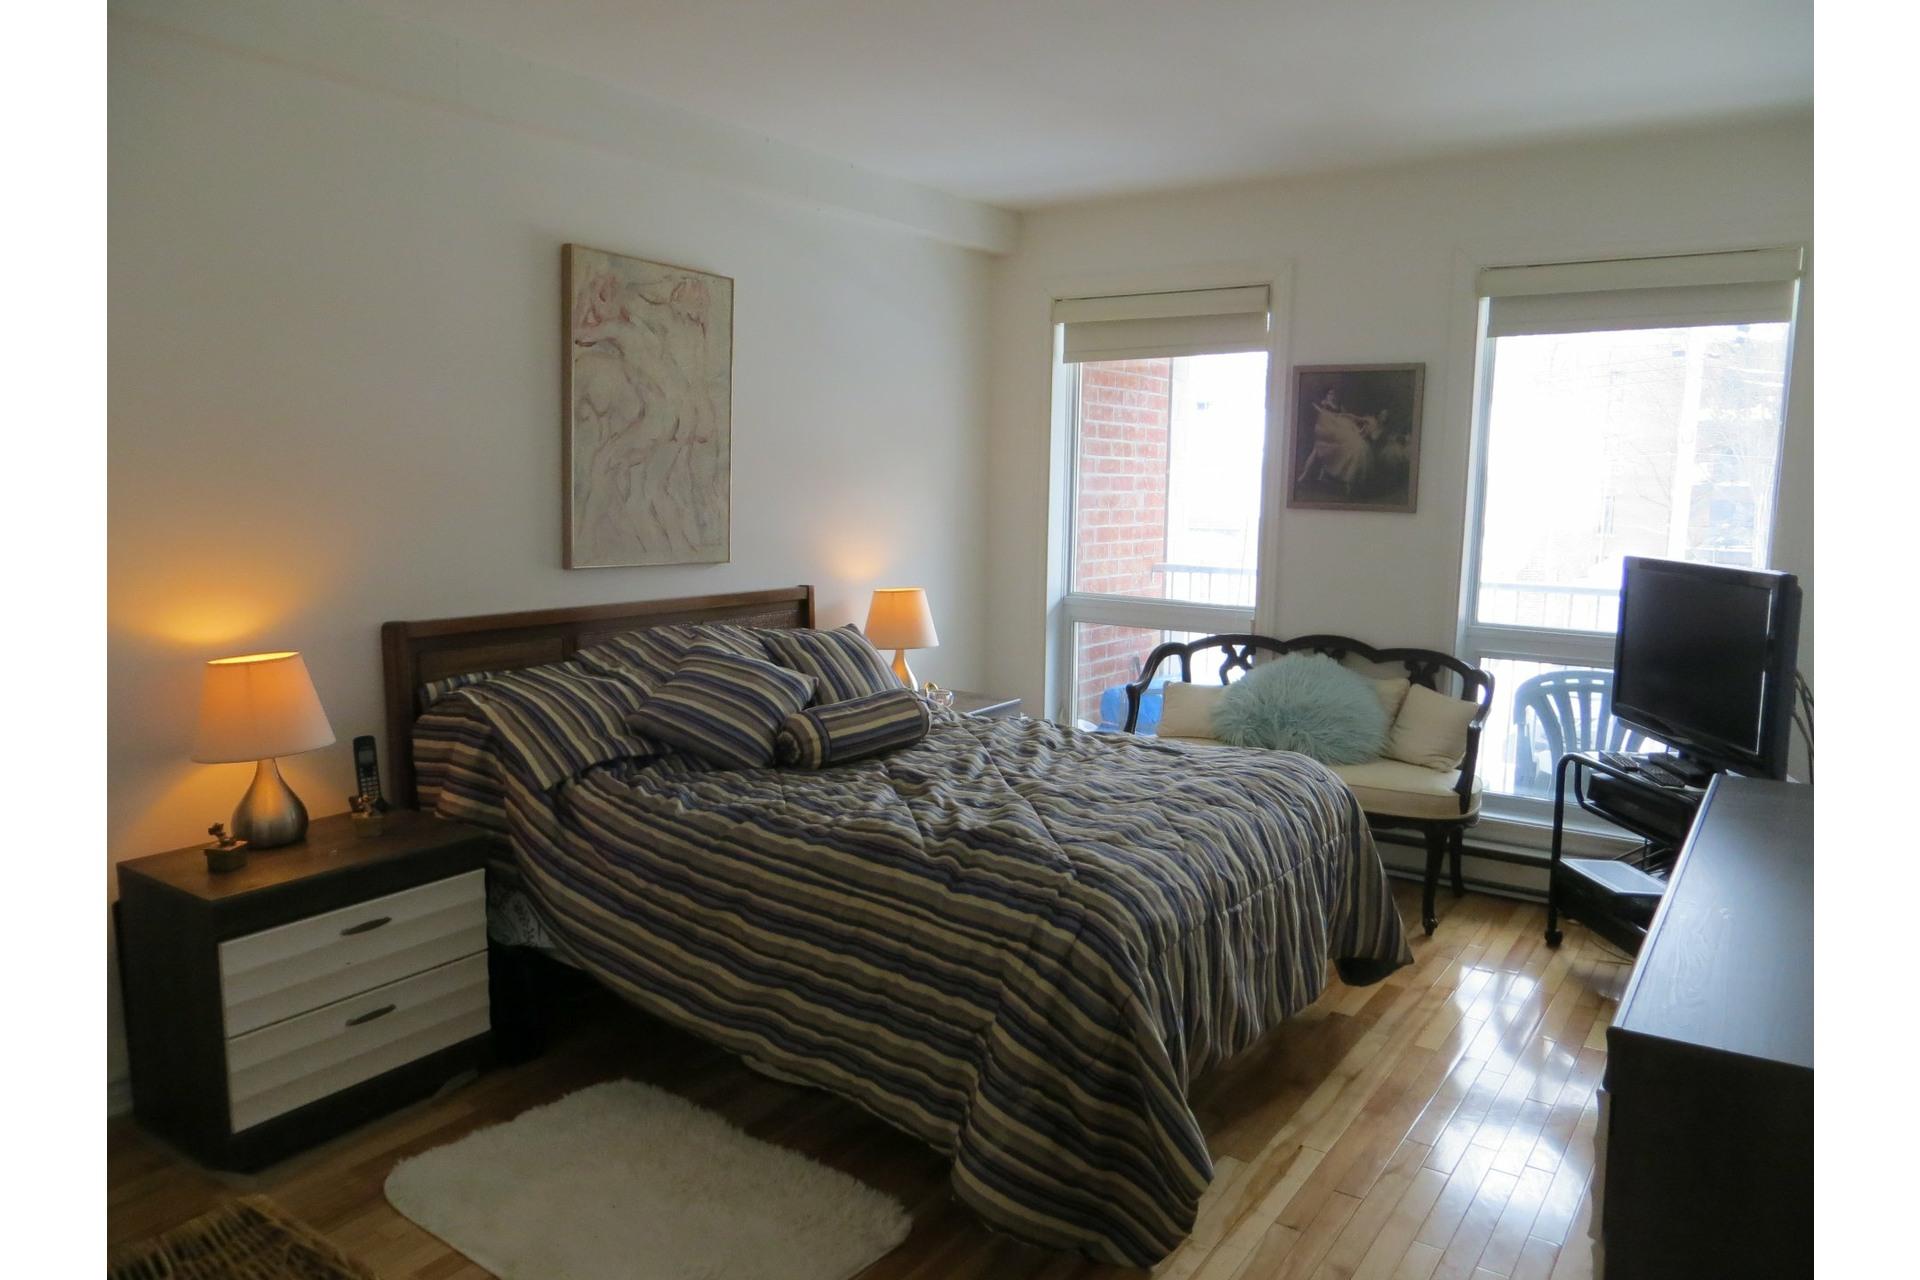 image 14 - Appartement À vendre Côte-des-Neiges/Notre-Dame-de-Grâce Montréal  - 6 pièces